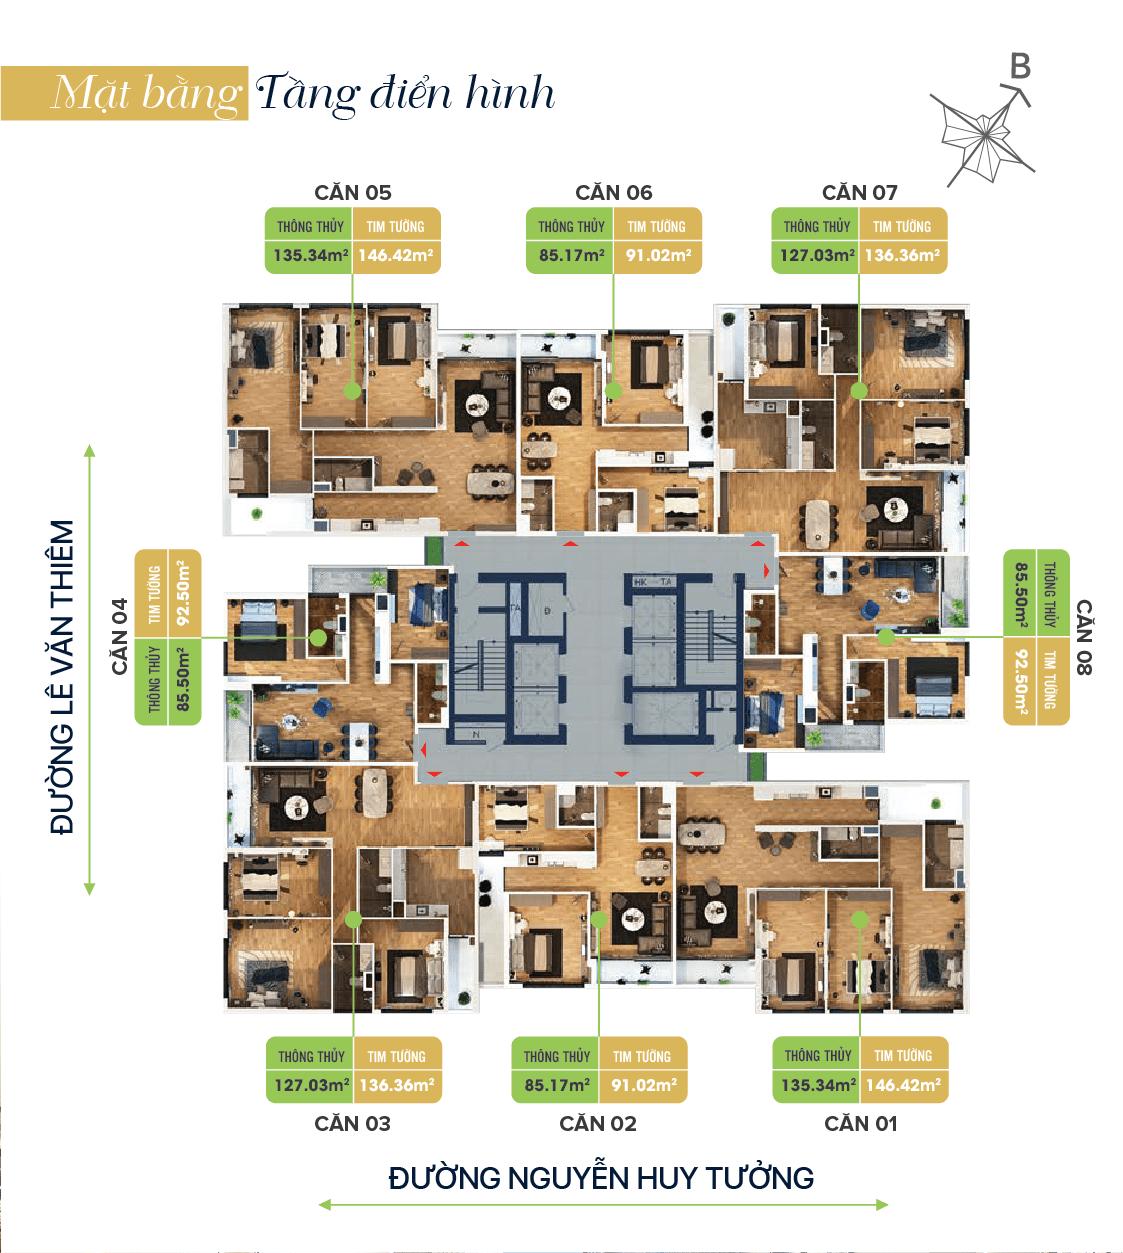 Chi tiết căn hộ cập nhật theo Bảng giá Bohemia Residence